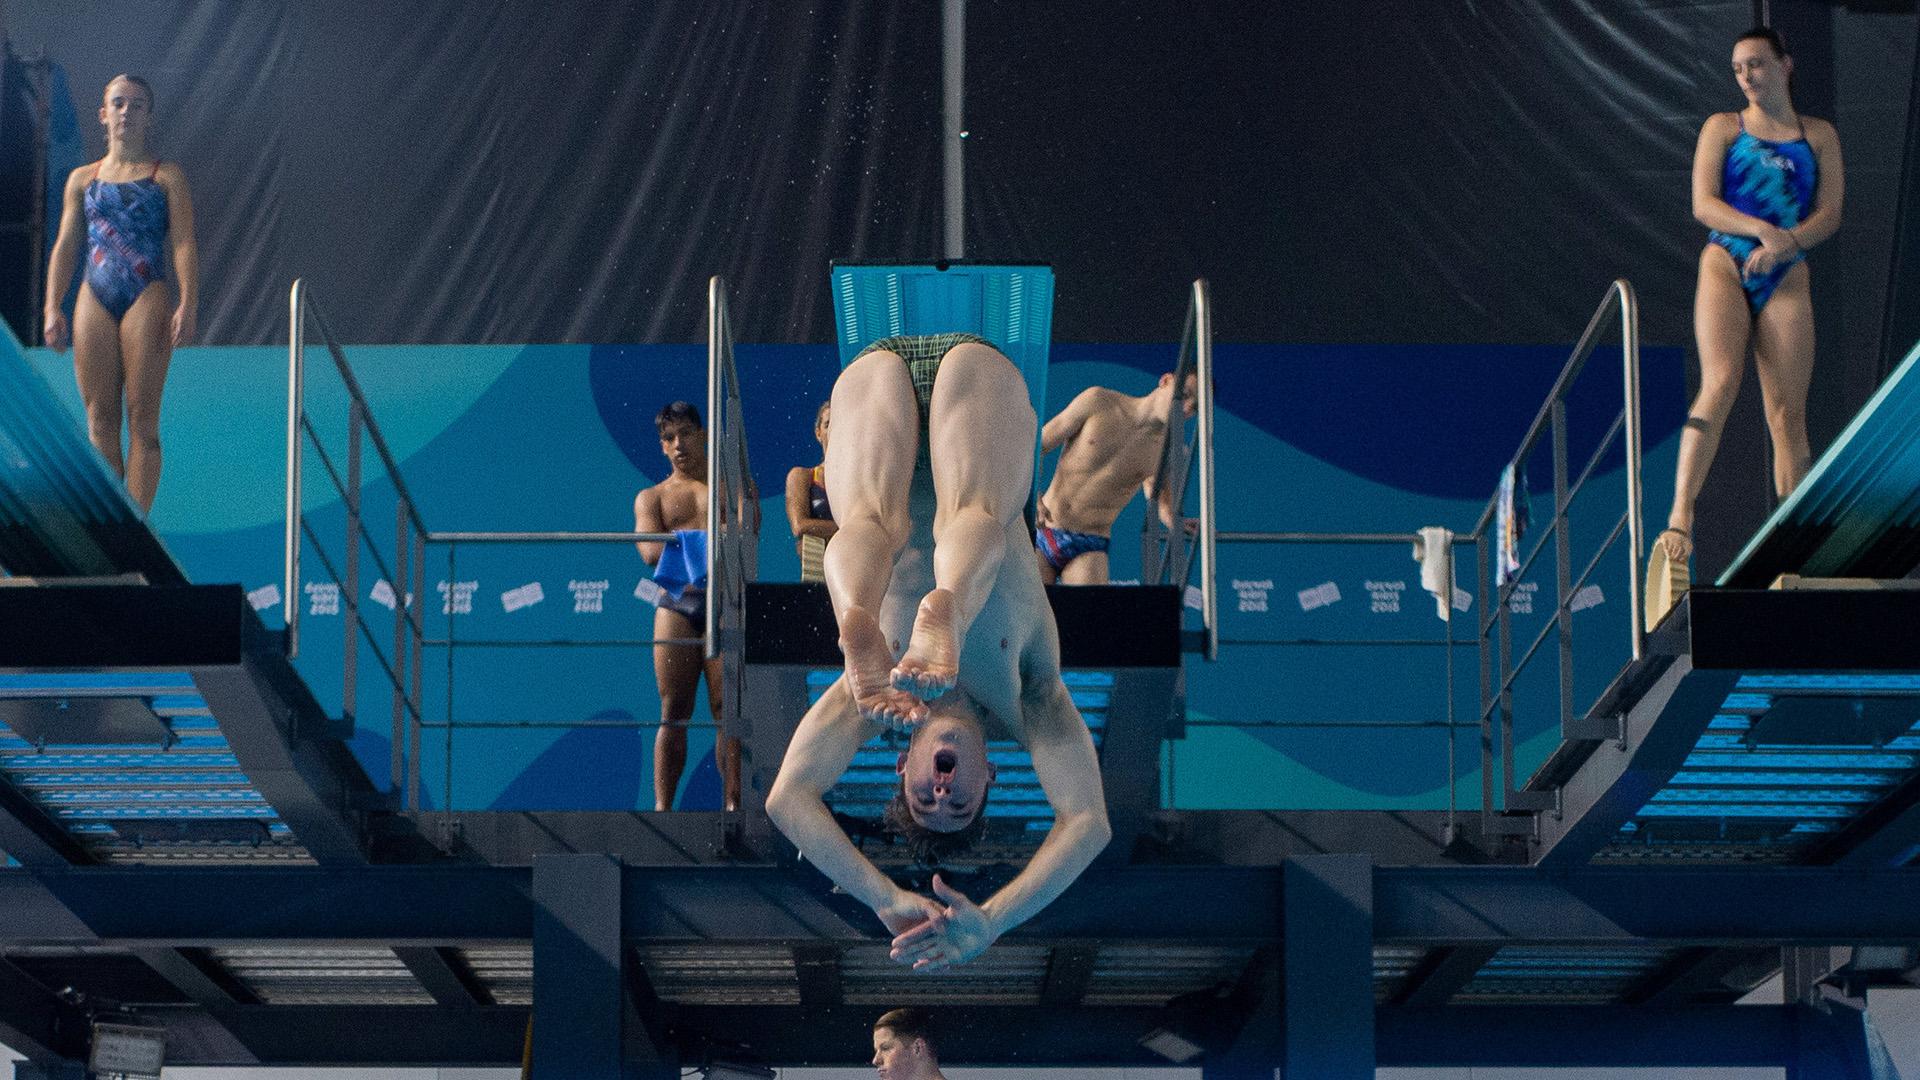 Los entrenamientos de Matthew Carter en el natatorio del Parque Olímpico (Foto: REUTERS)